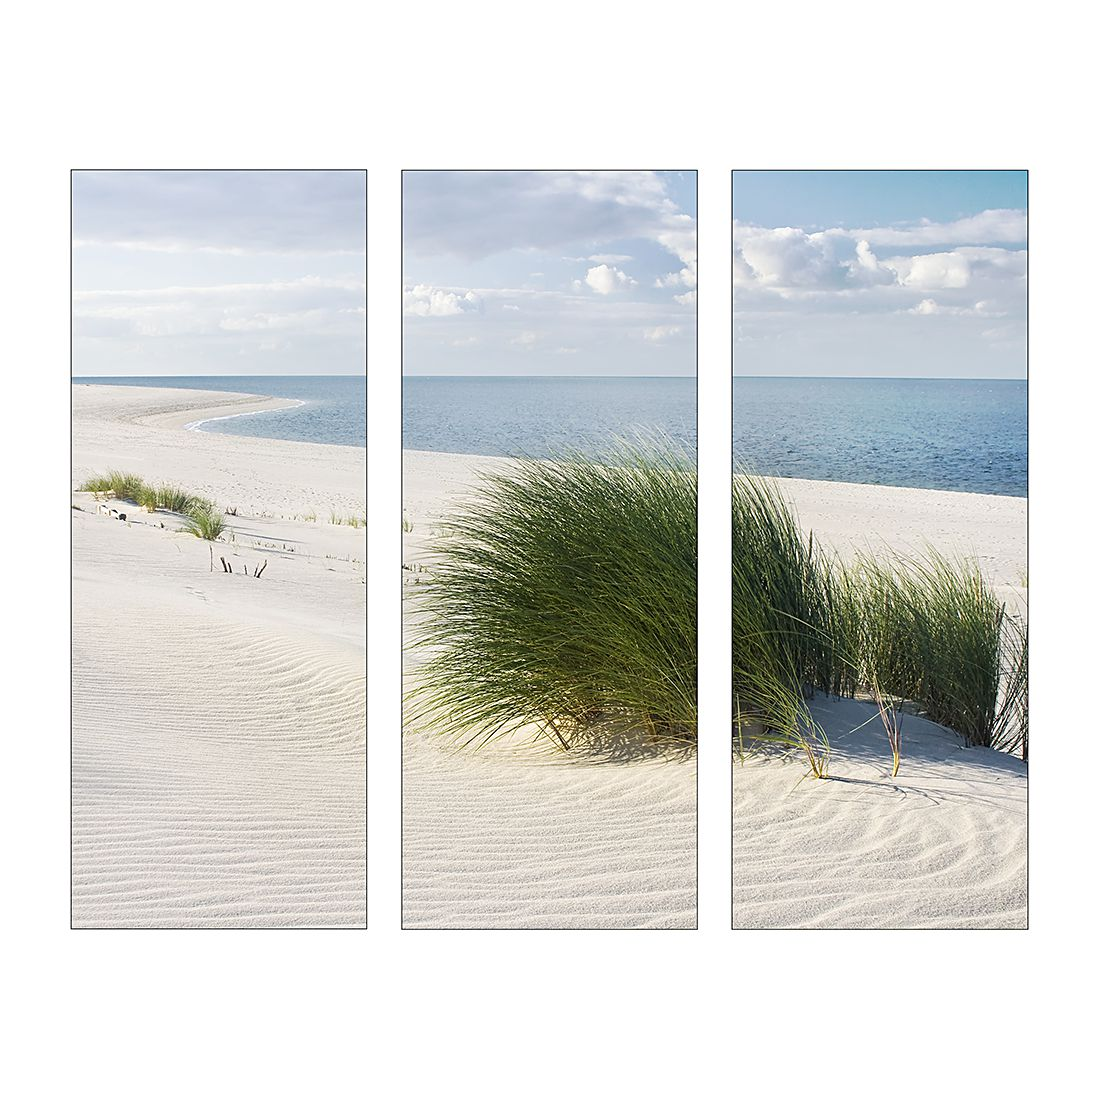 Home 24 - Impression d art seaside idyll (3 éléments), pro art